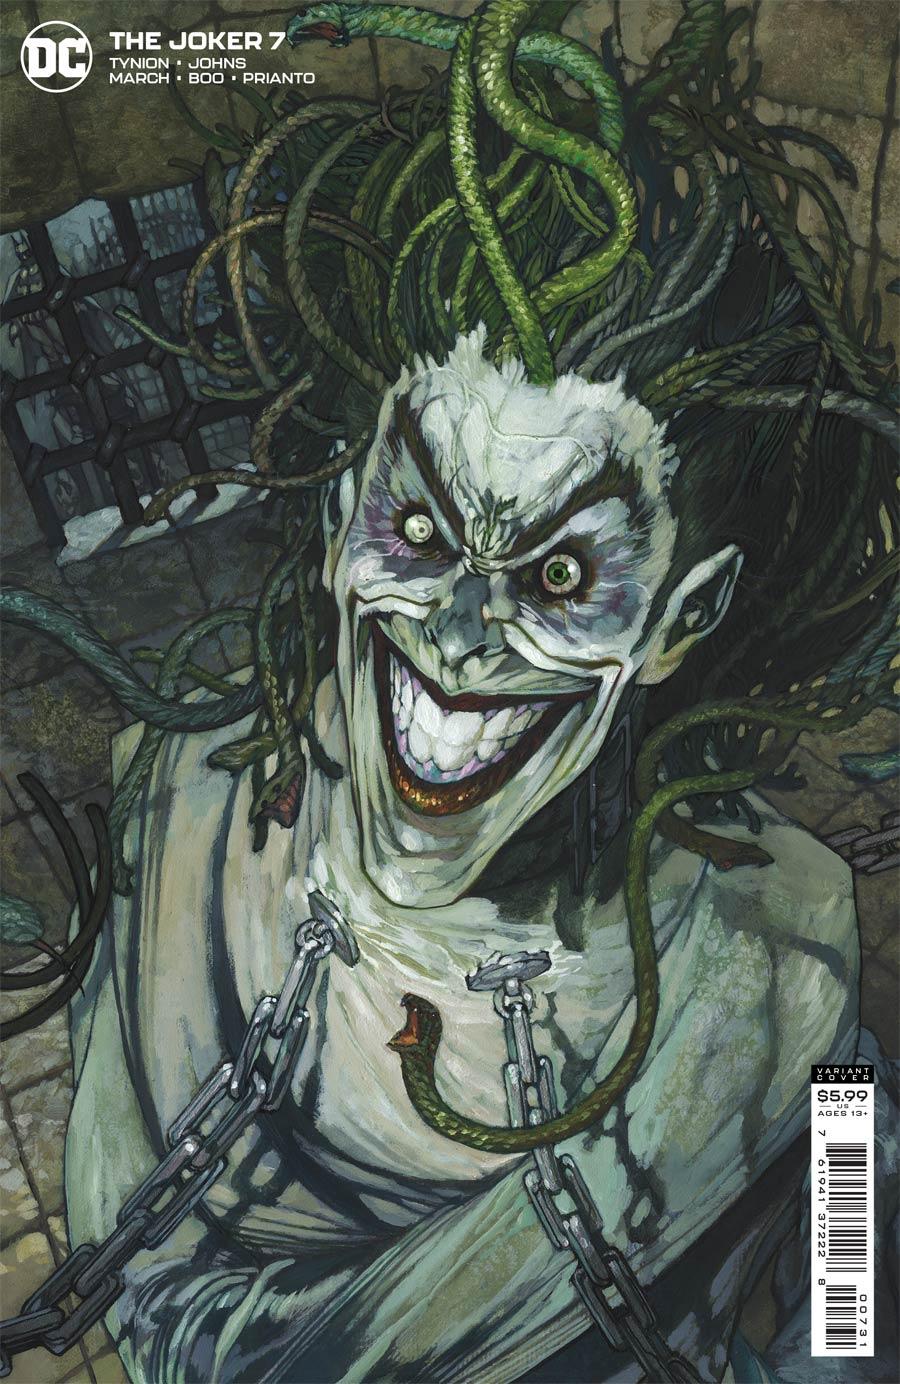 Joker Vol 2 #7 Cover C Variant Simone Bianchi Cover